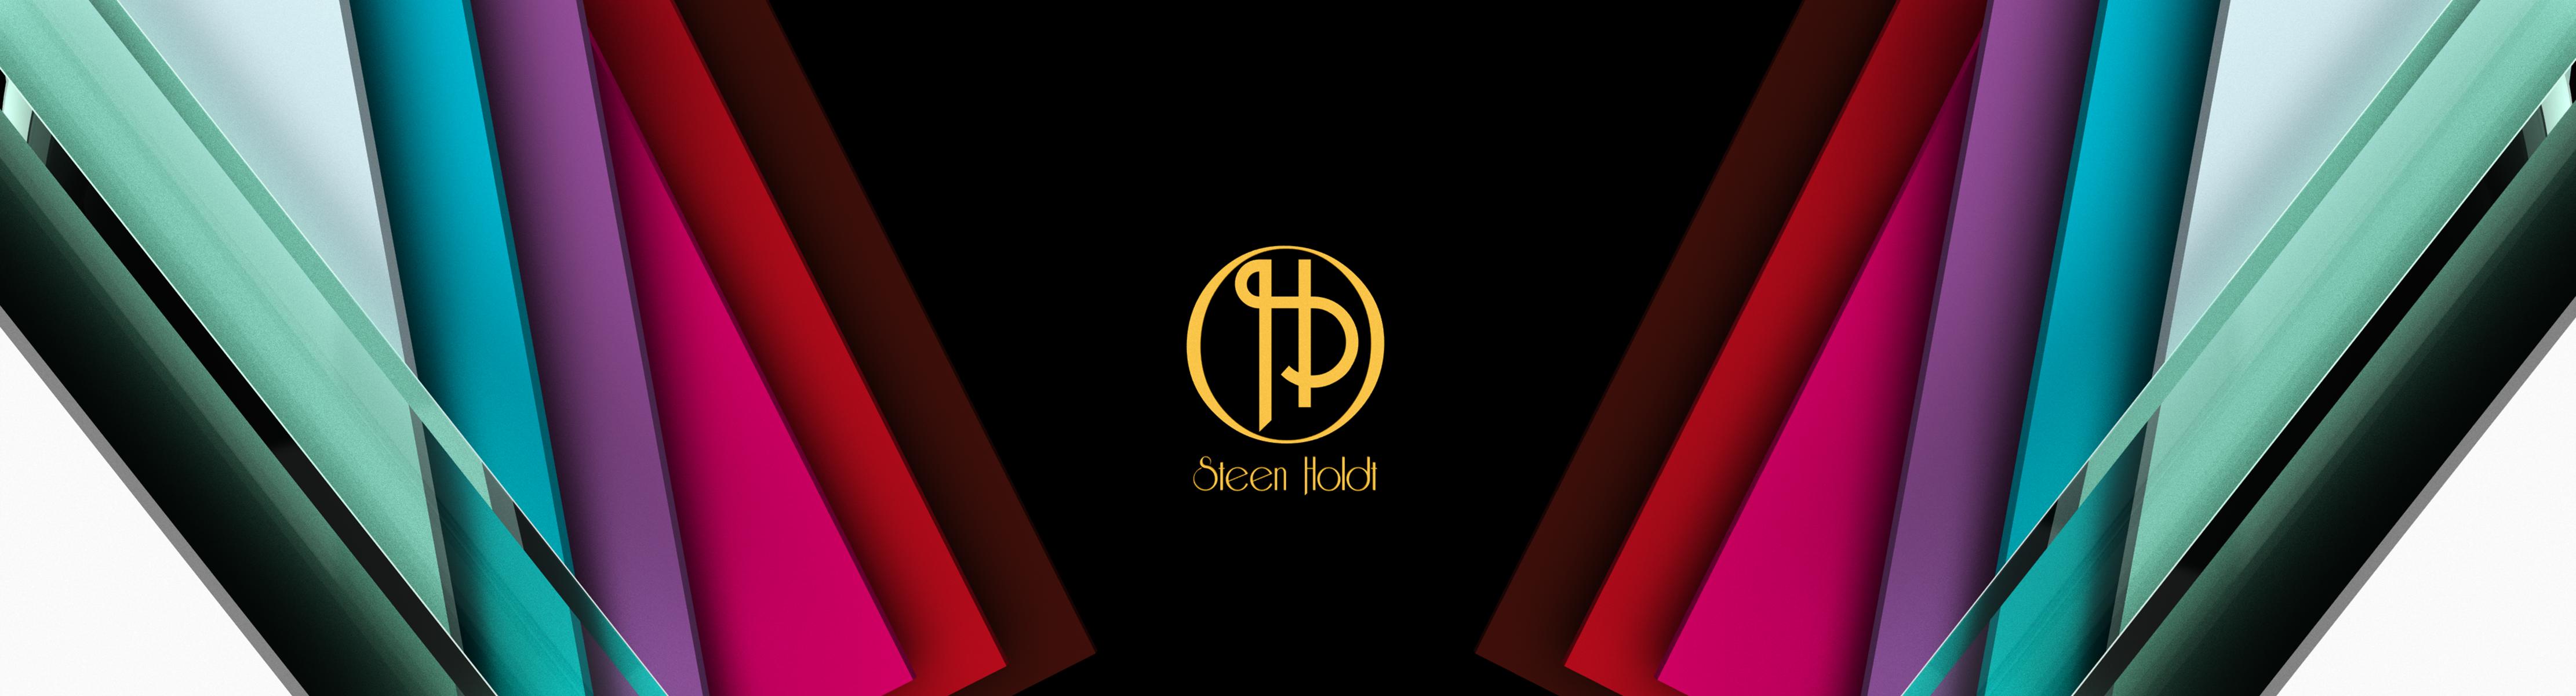 Steen Holdt Studio Moldmaker banner